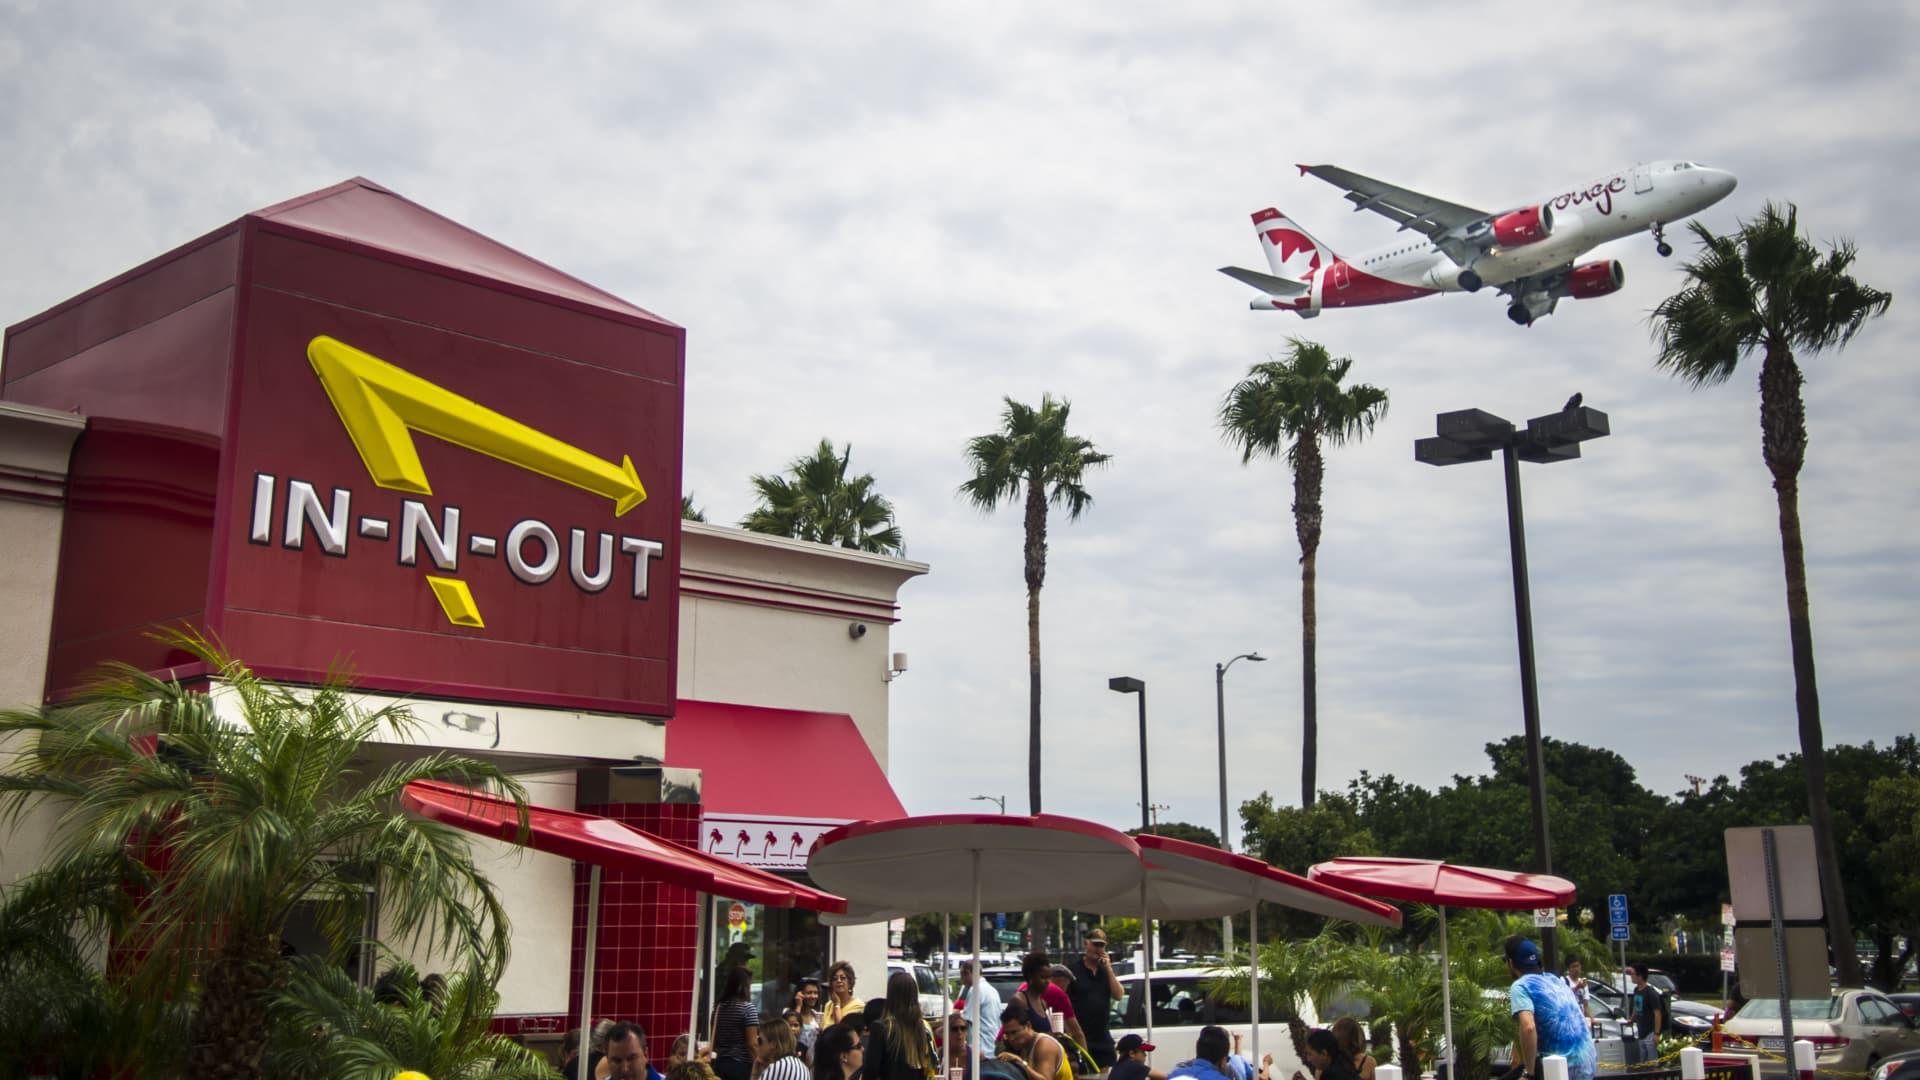 In-N-Out Burger restaurant Sepulveda Boulevard in Los Angeles.